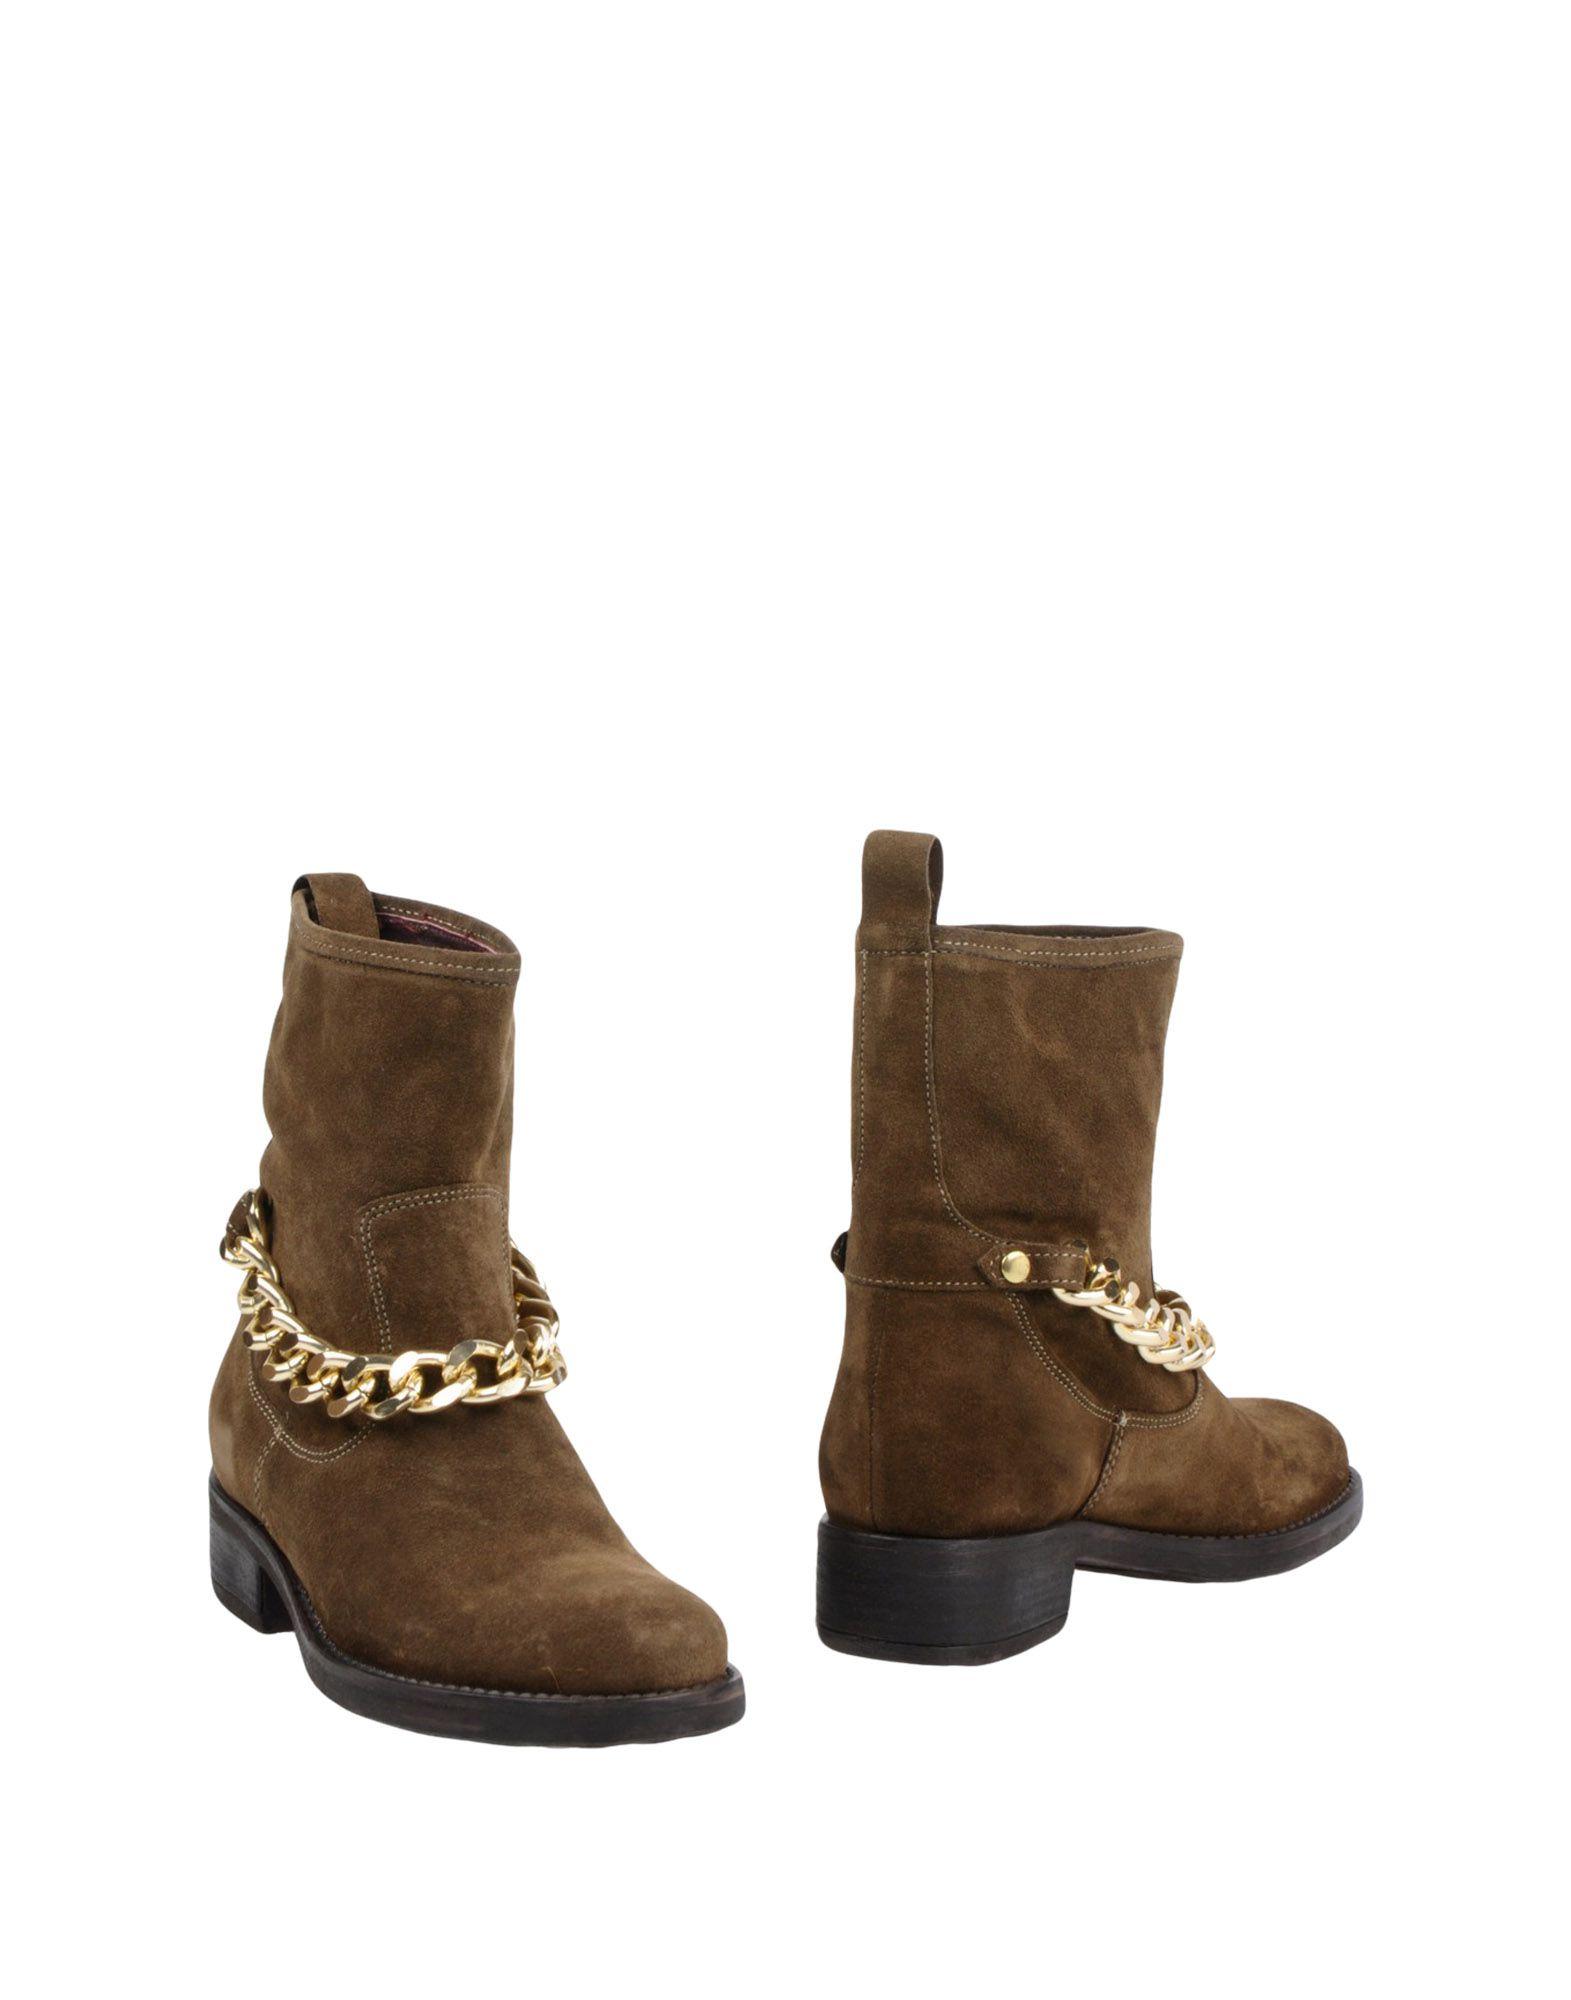 Anna Fidanza Stiefelette Damen  11248358OM Gute Qualität beliebte Schuhe